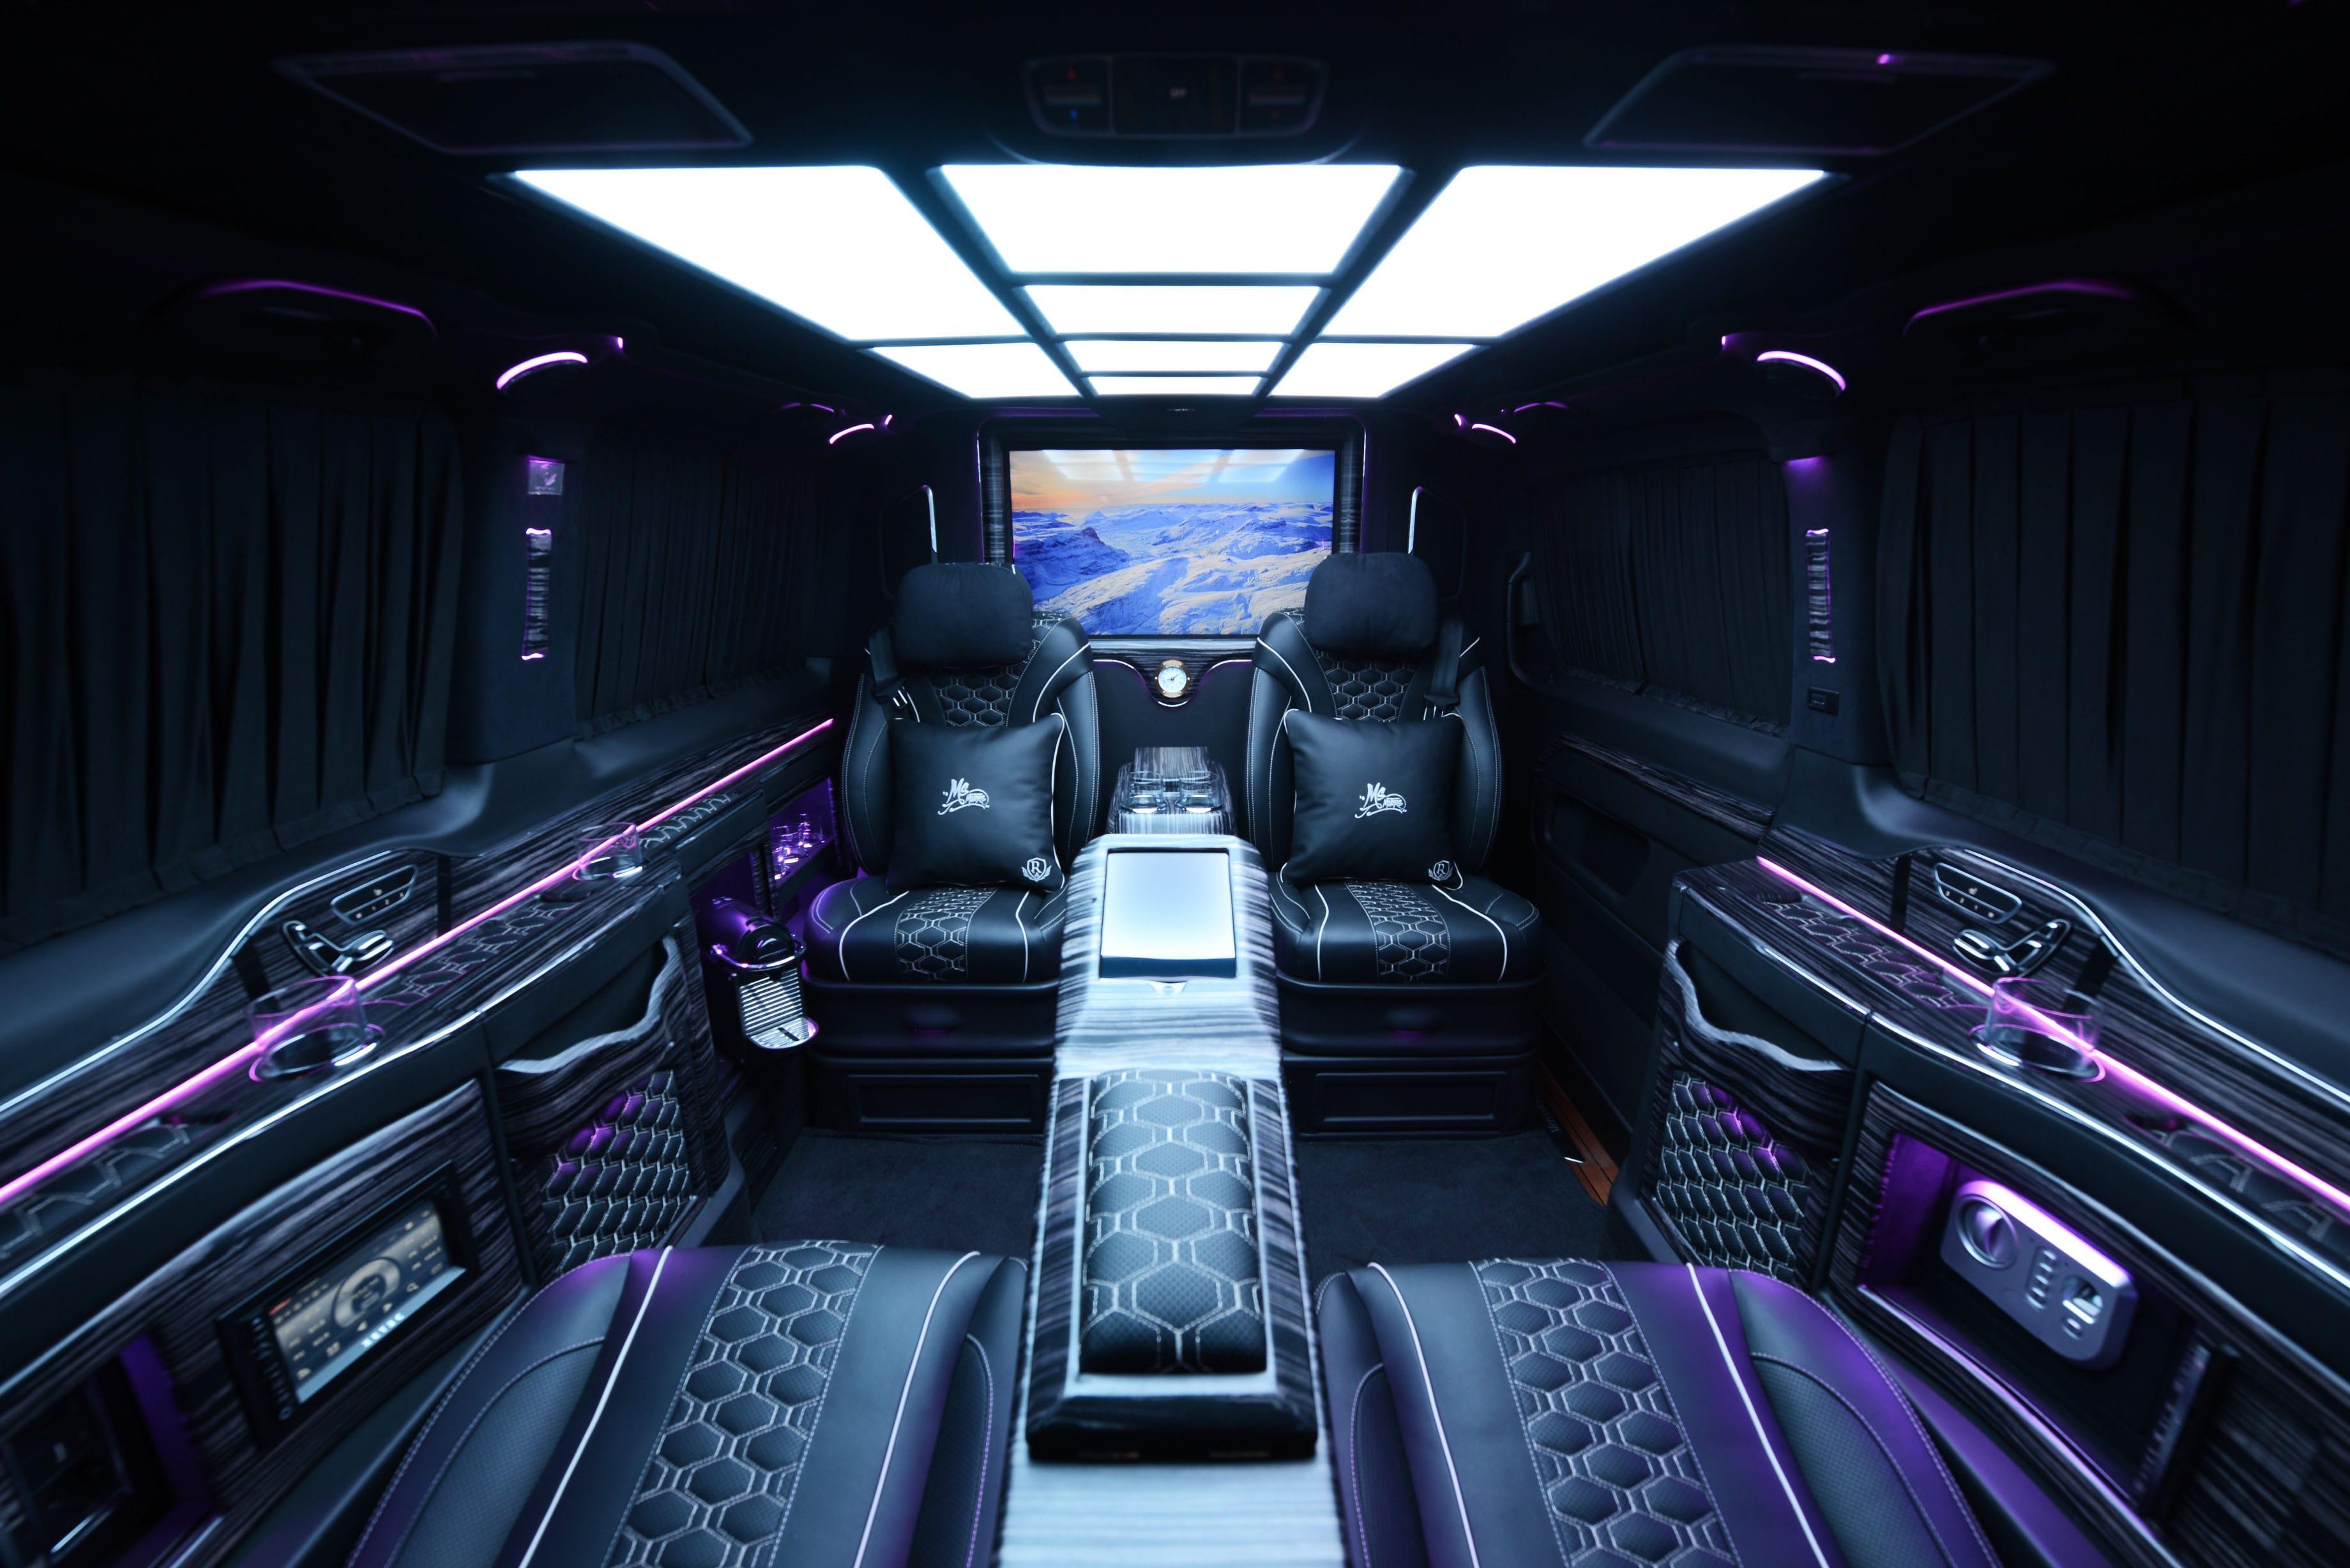 Mercedes Benz Van >> Mercedes-Benz Royal MS VIP Van | Rovelver Vip Auto Design